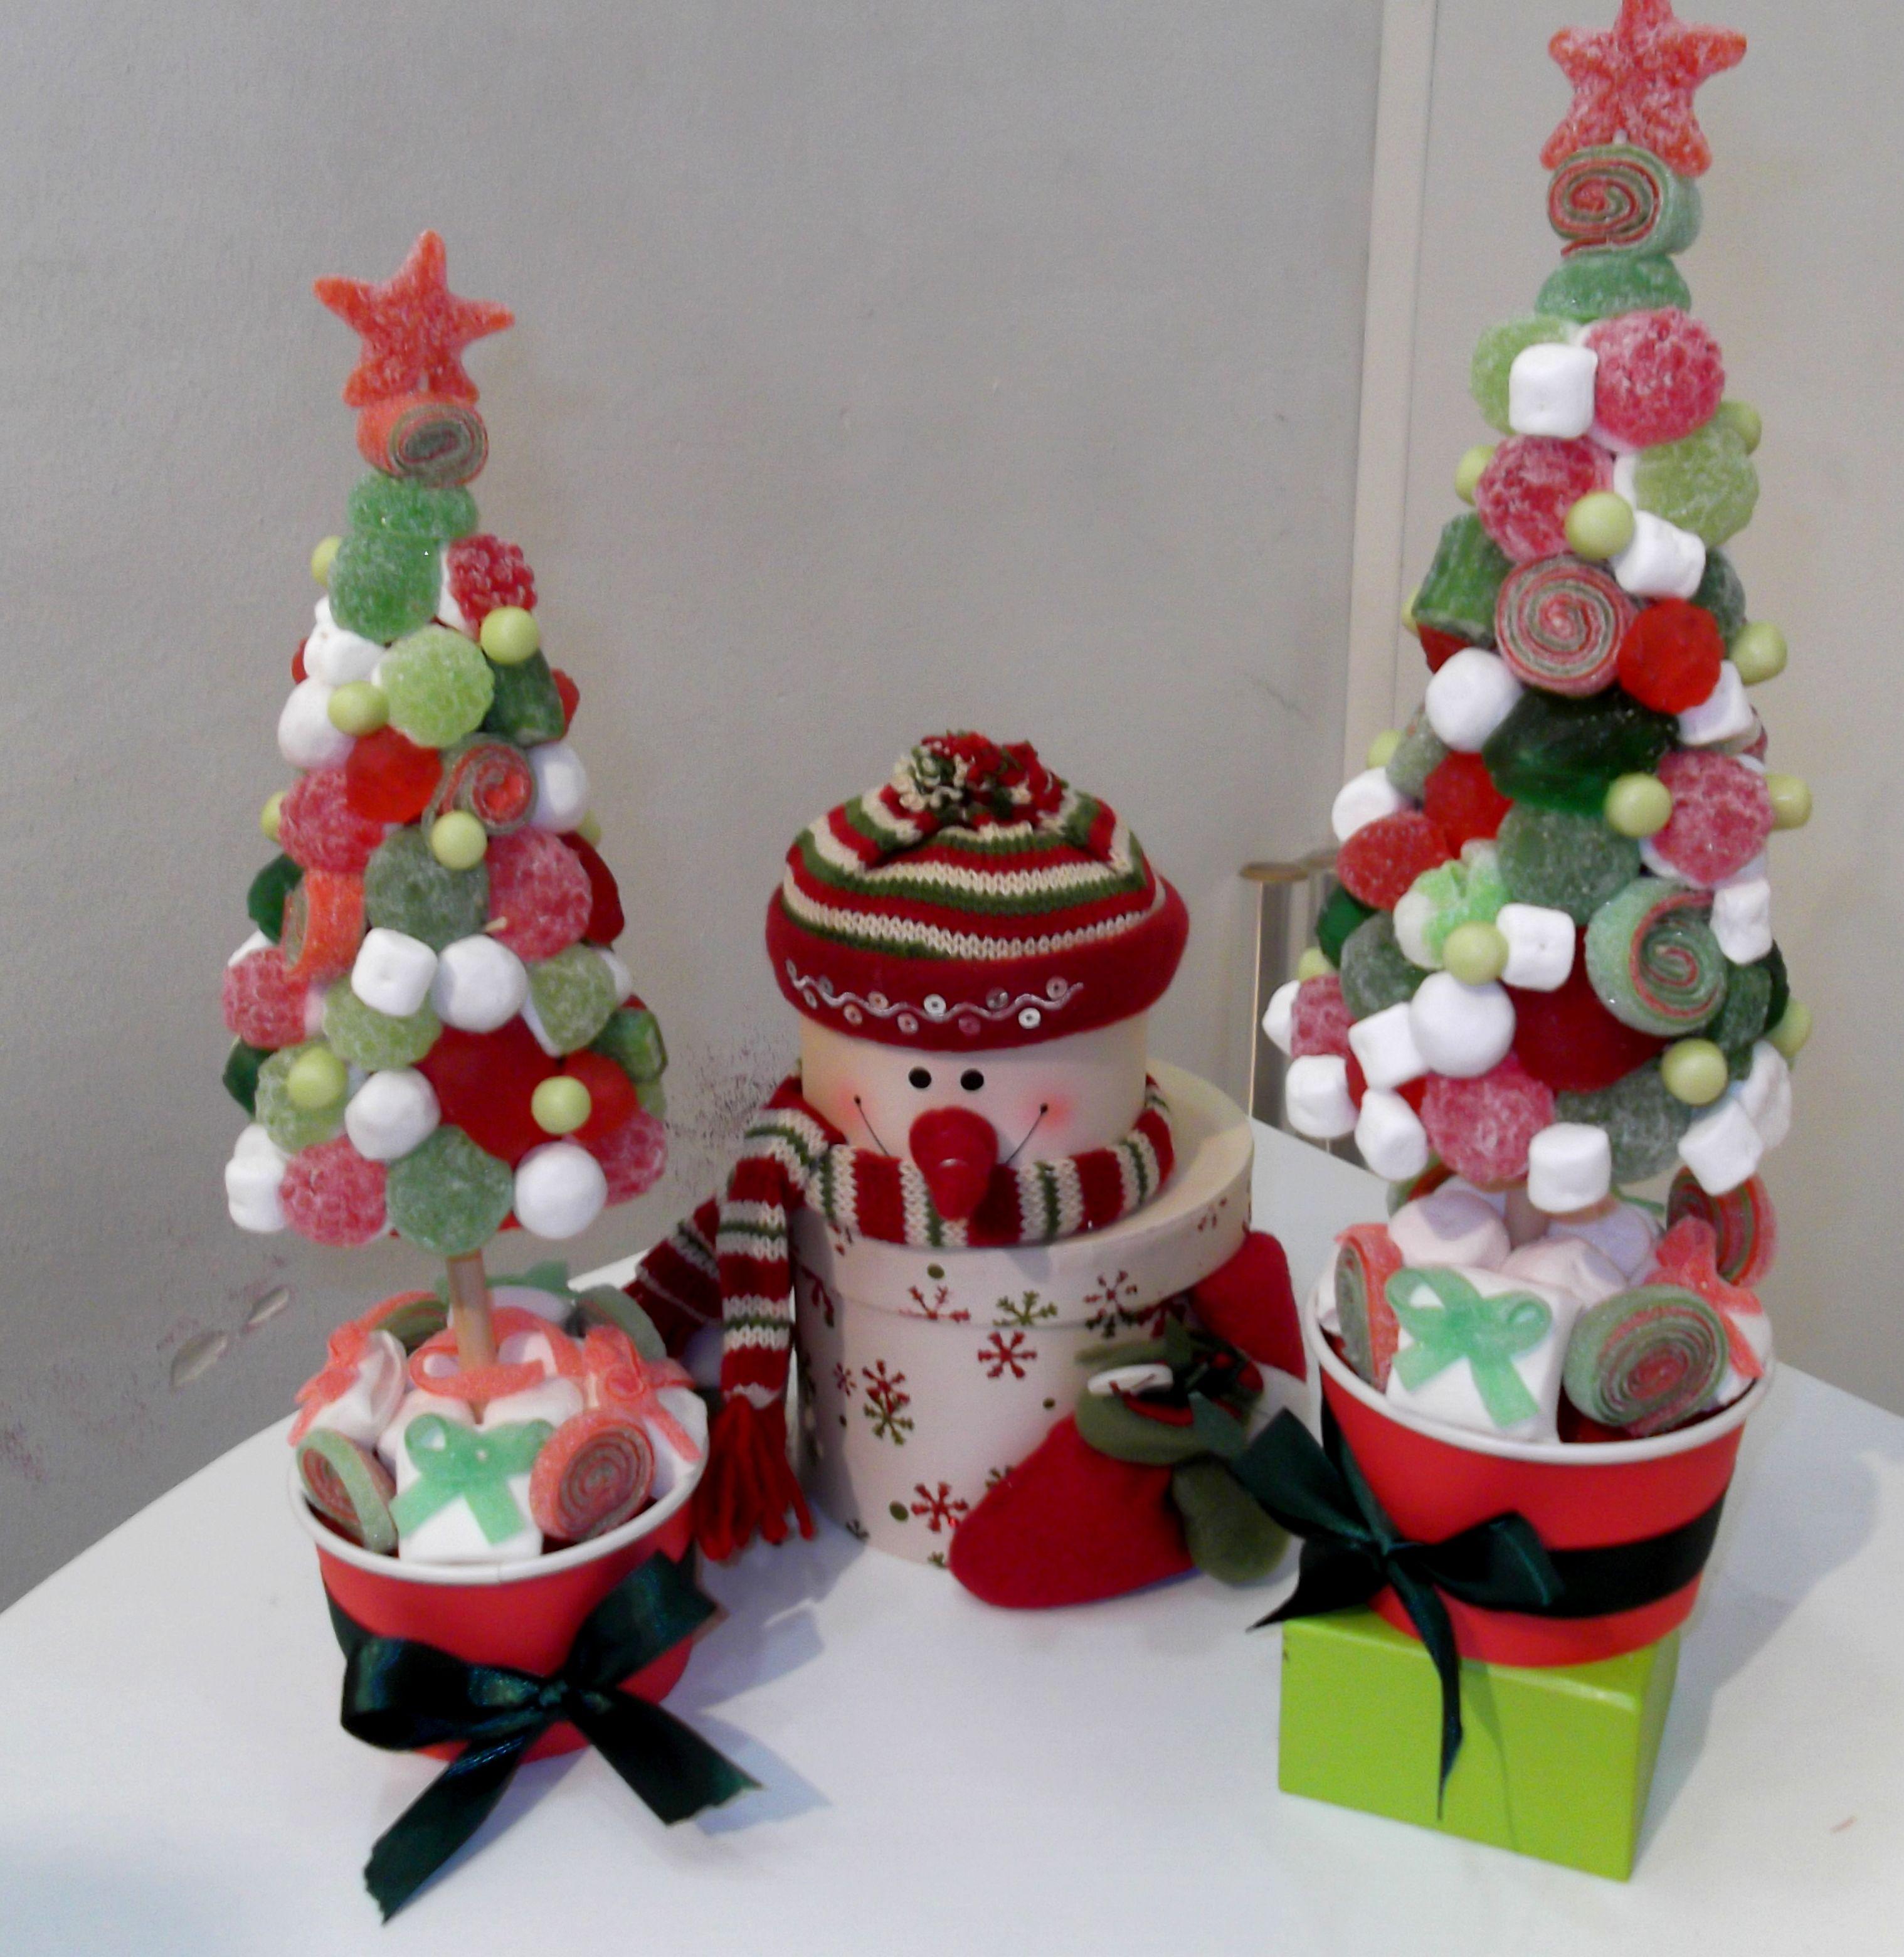 Arbolitos De Chuches Regalos Navide Os Pinterest Navidad  ~ Regalos Originales Para Navidad Manualidades